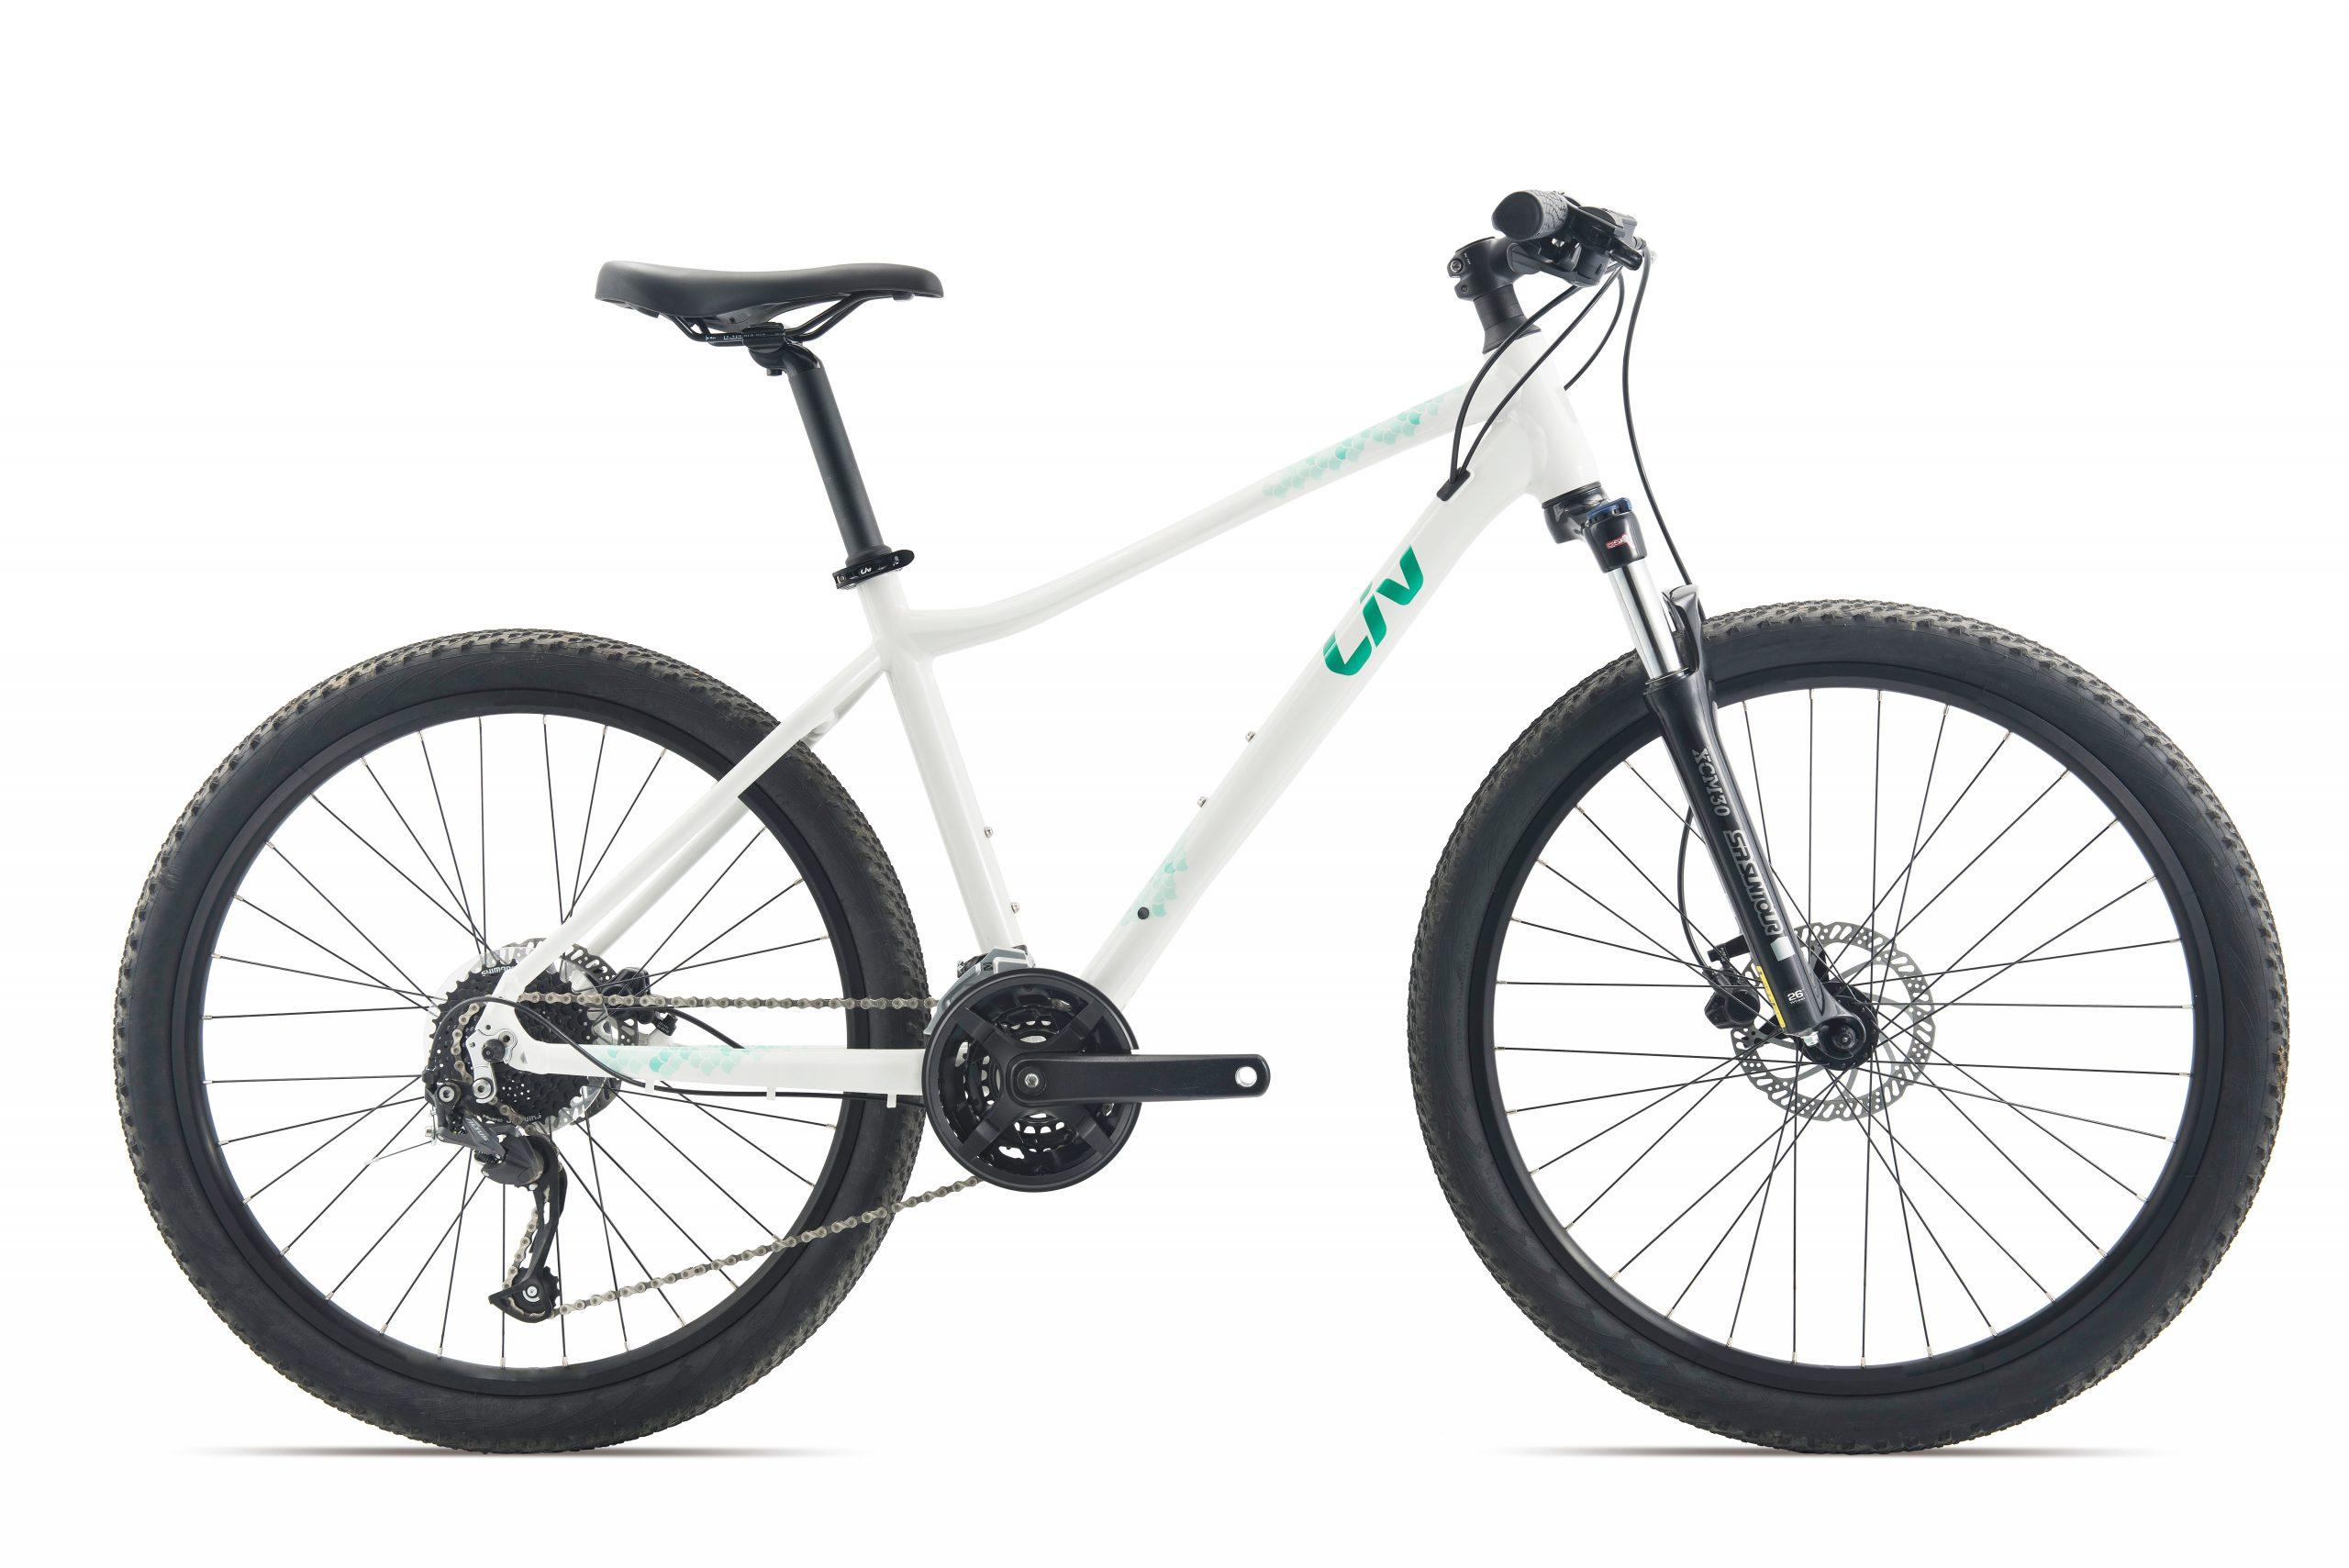 Xe đạp địa hình LIV 2022 CATE 2 là một trong những dòng xe đạp nữ thuộc hãng xe đạp GIANT. Được ra mắt với kiểu dáng thể thao độc đáo